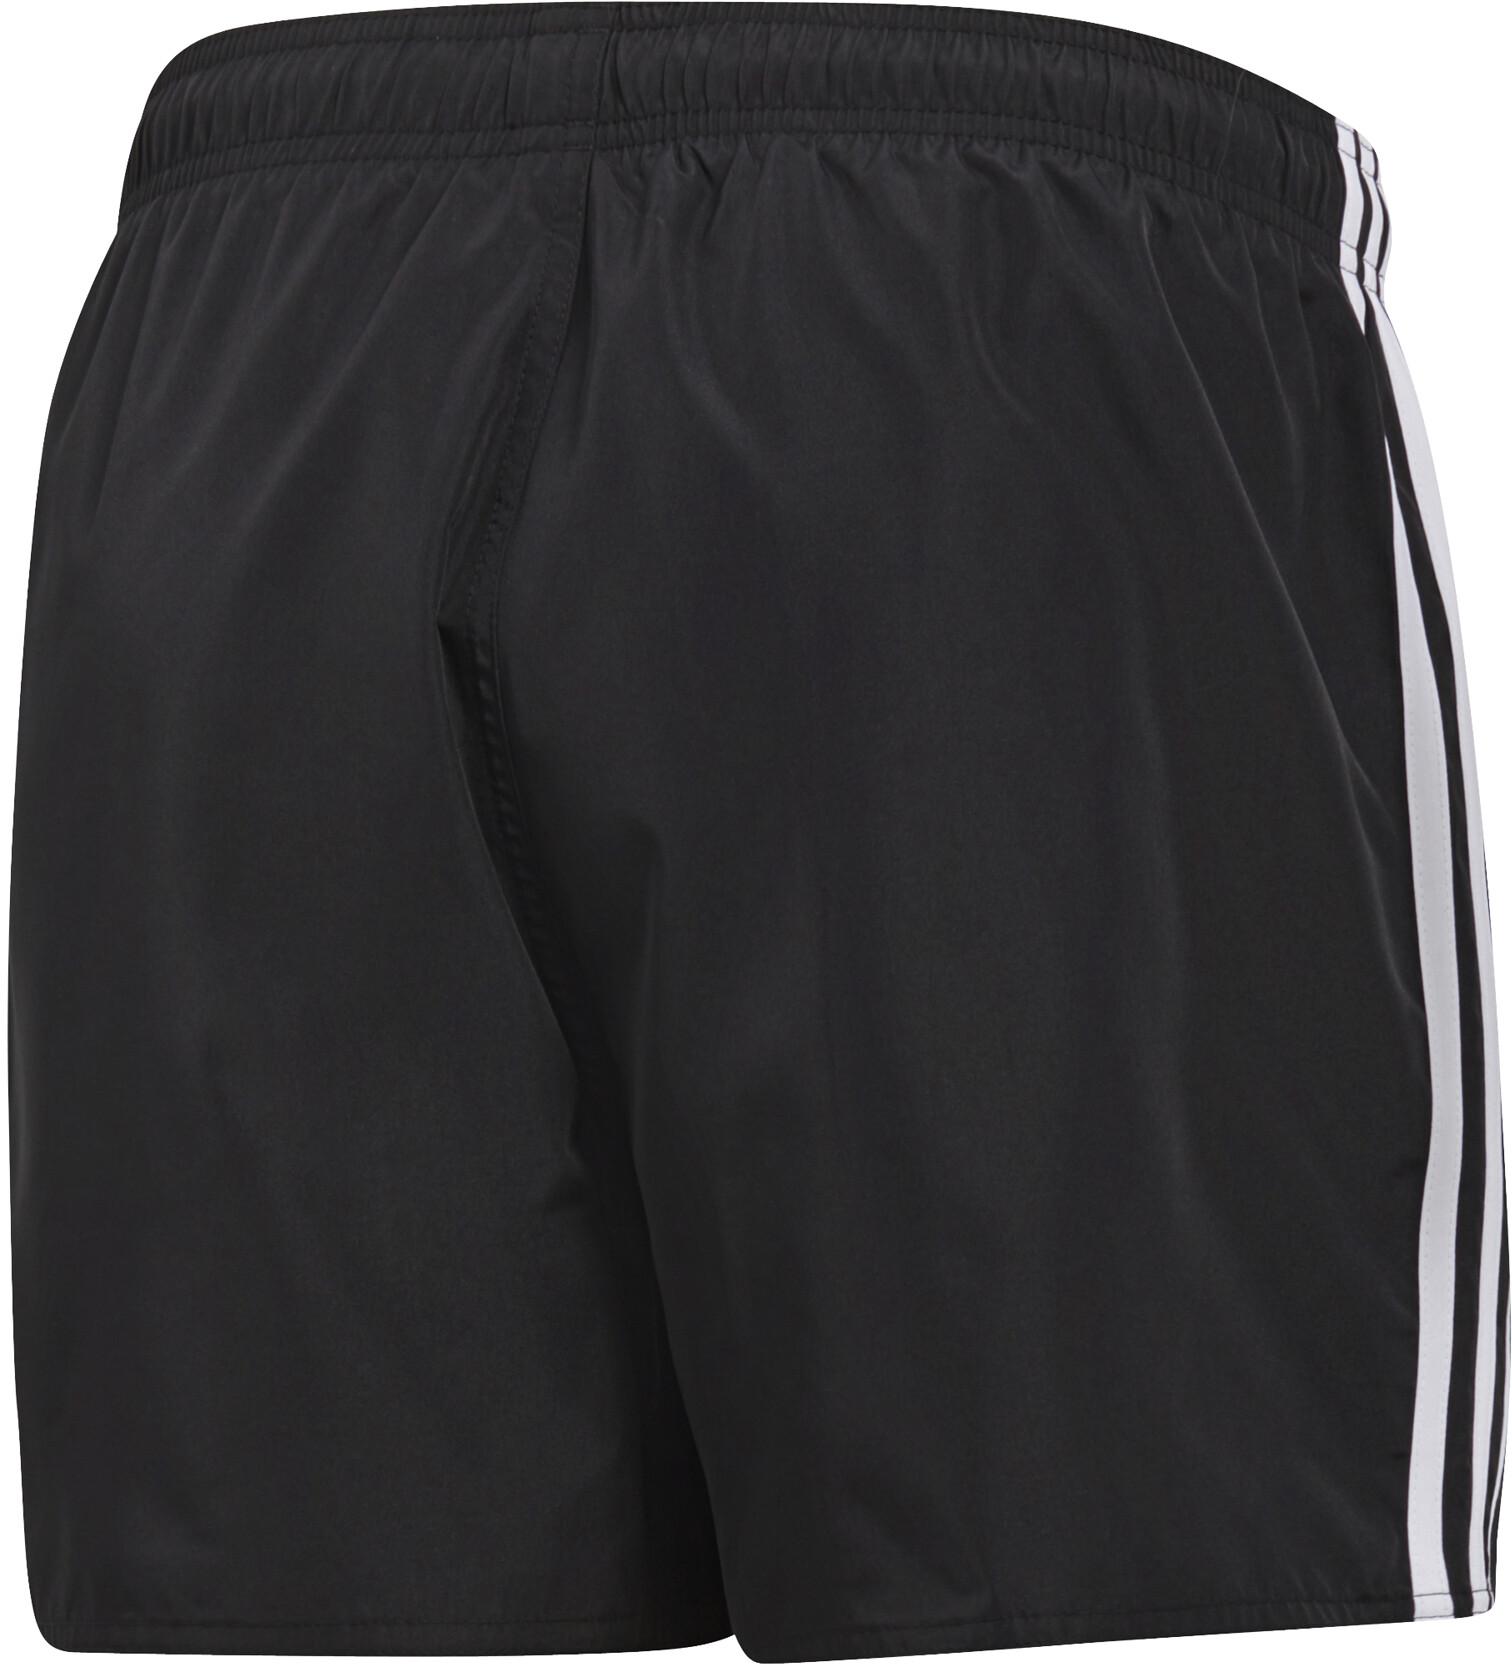 Neon Roze Zwembroek Heren.Adidas 3 Stripes Vsl Zwembroek Heren Black White I Online Op